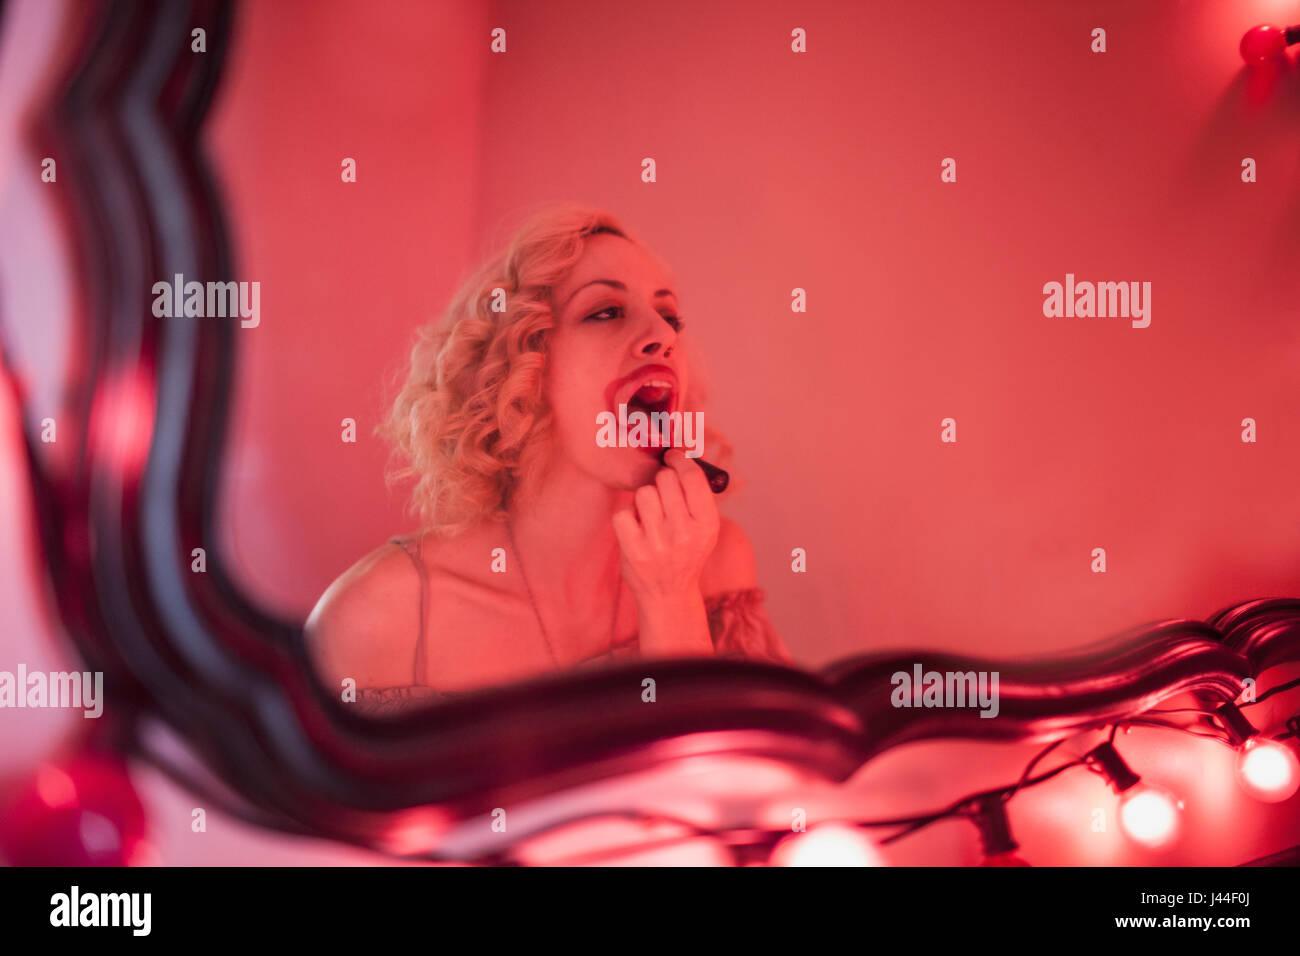 Una giovane donna rossetto in uno specchio. Immagini Stock